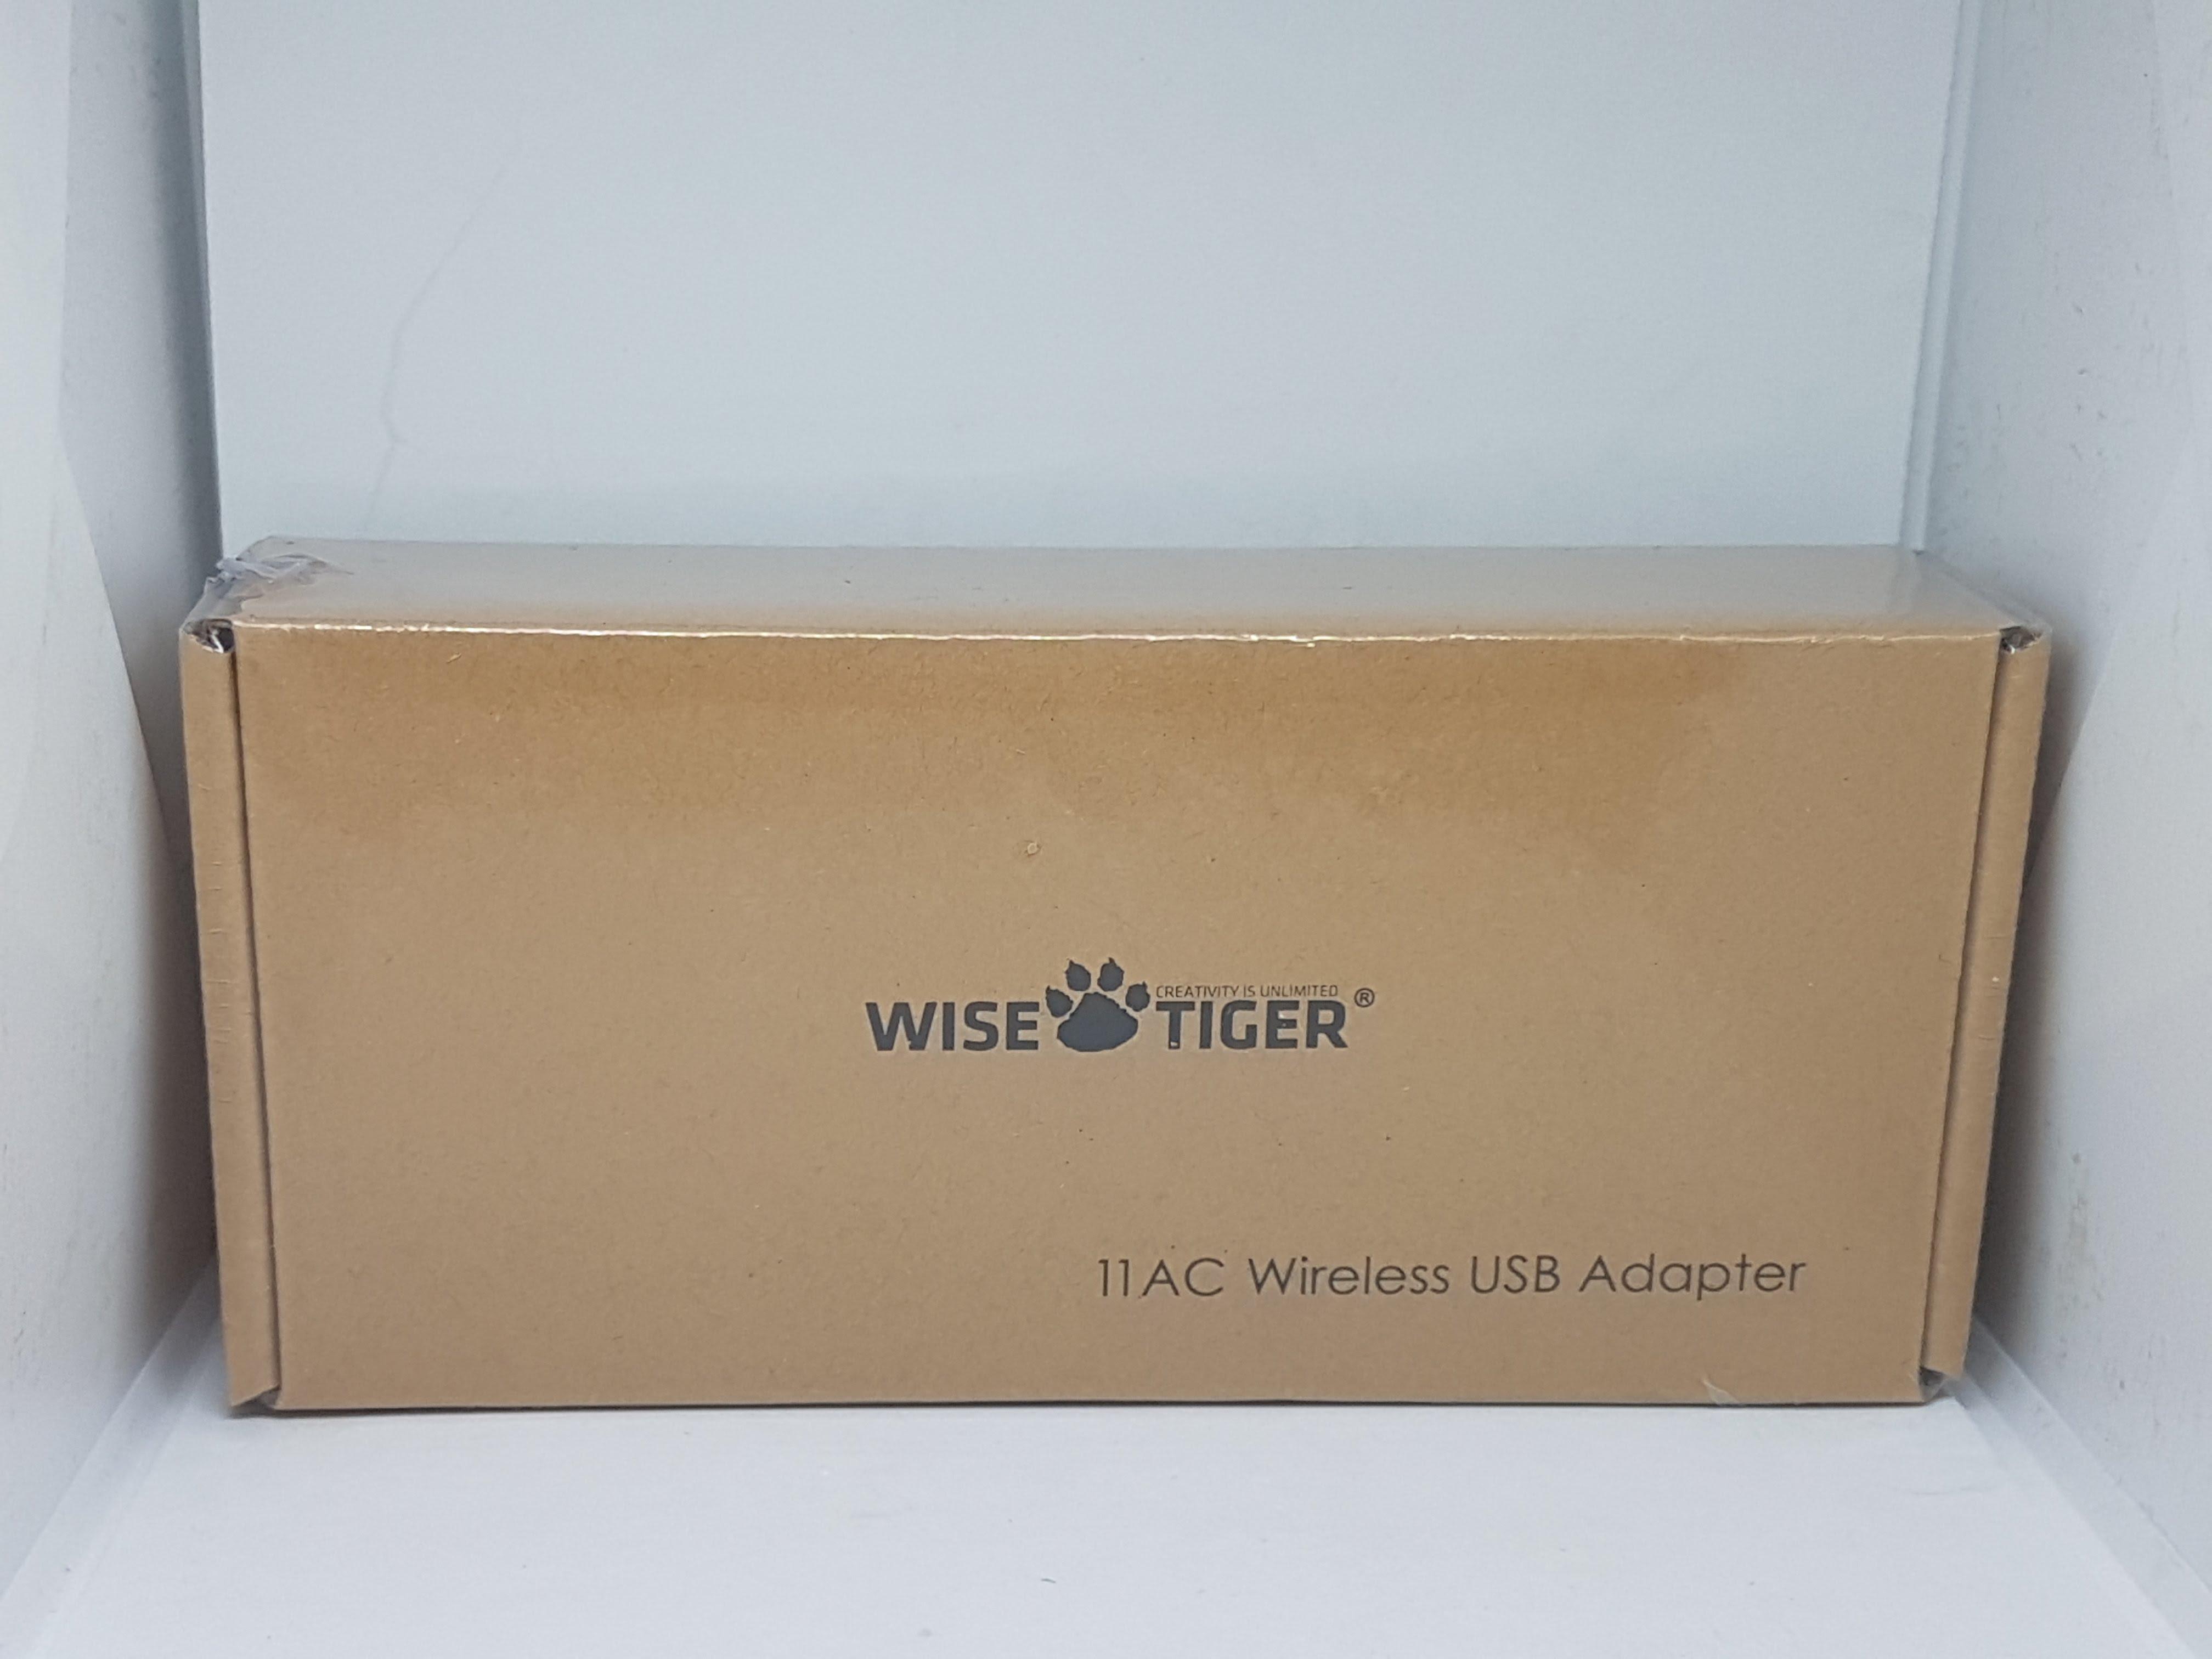 WISETIGER-Clé-WIFI-USB - WISETIGER-Clé-WIFI-USB-1.jpg